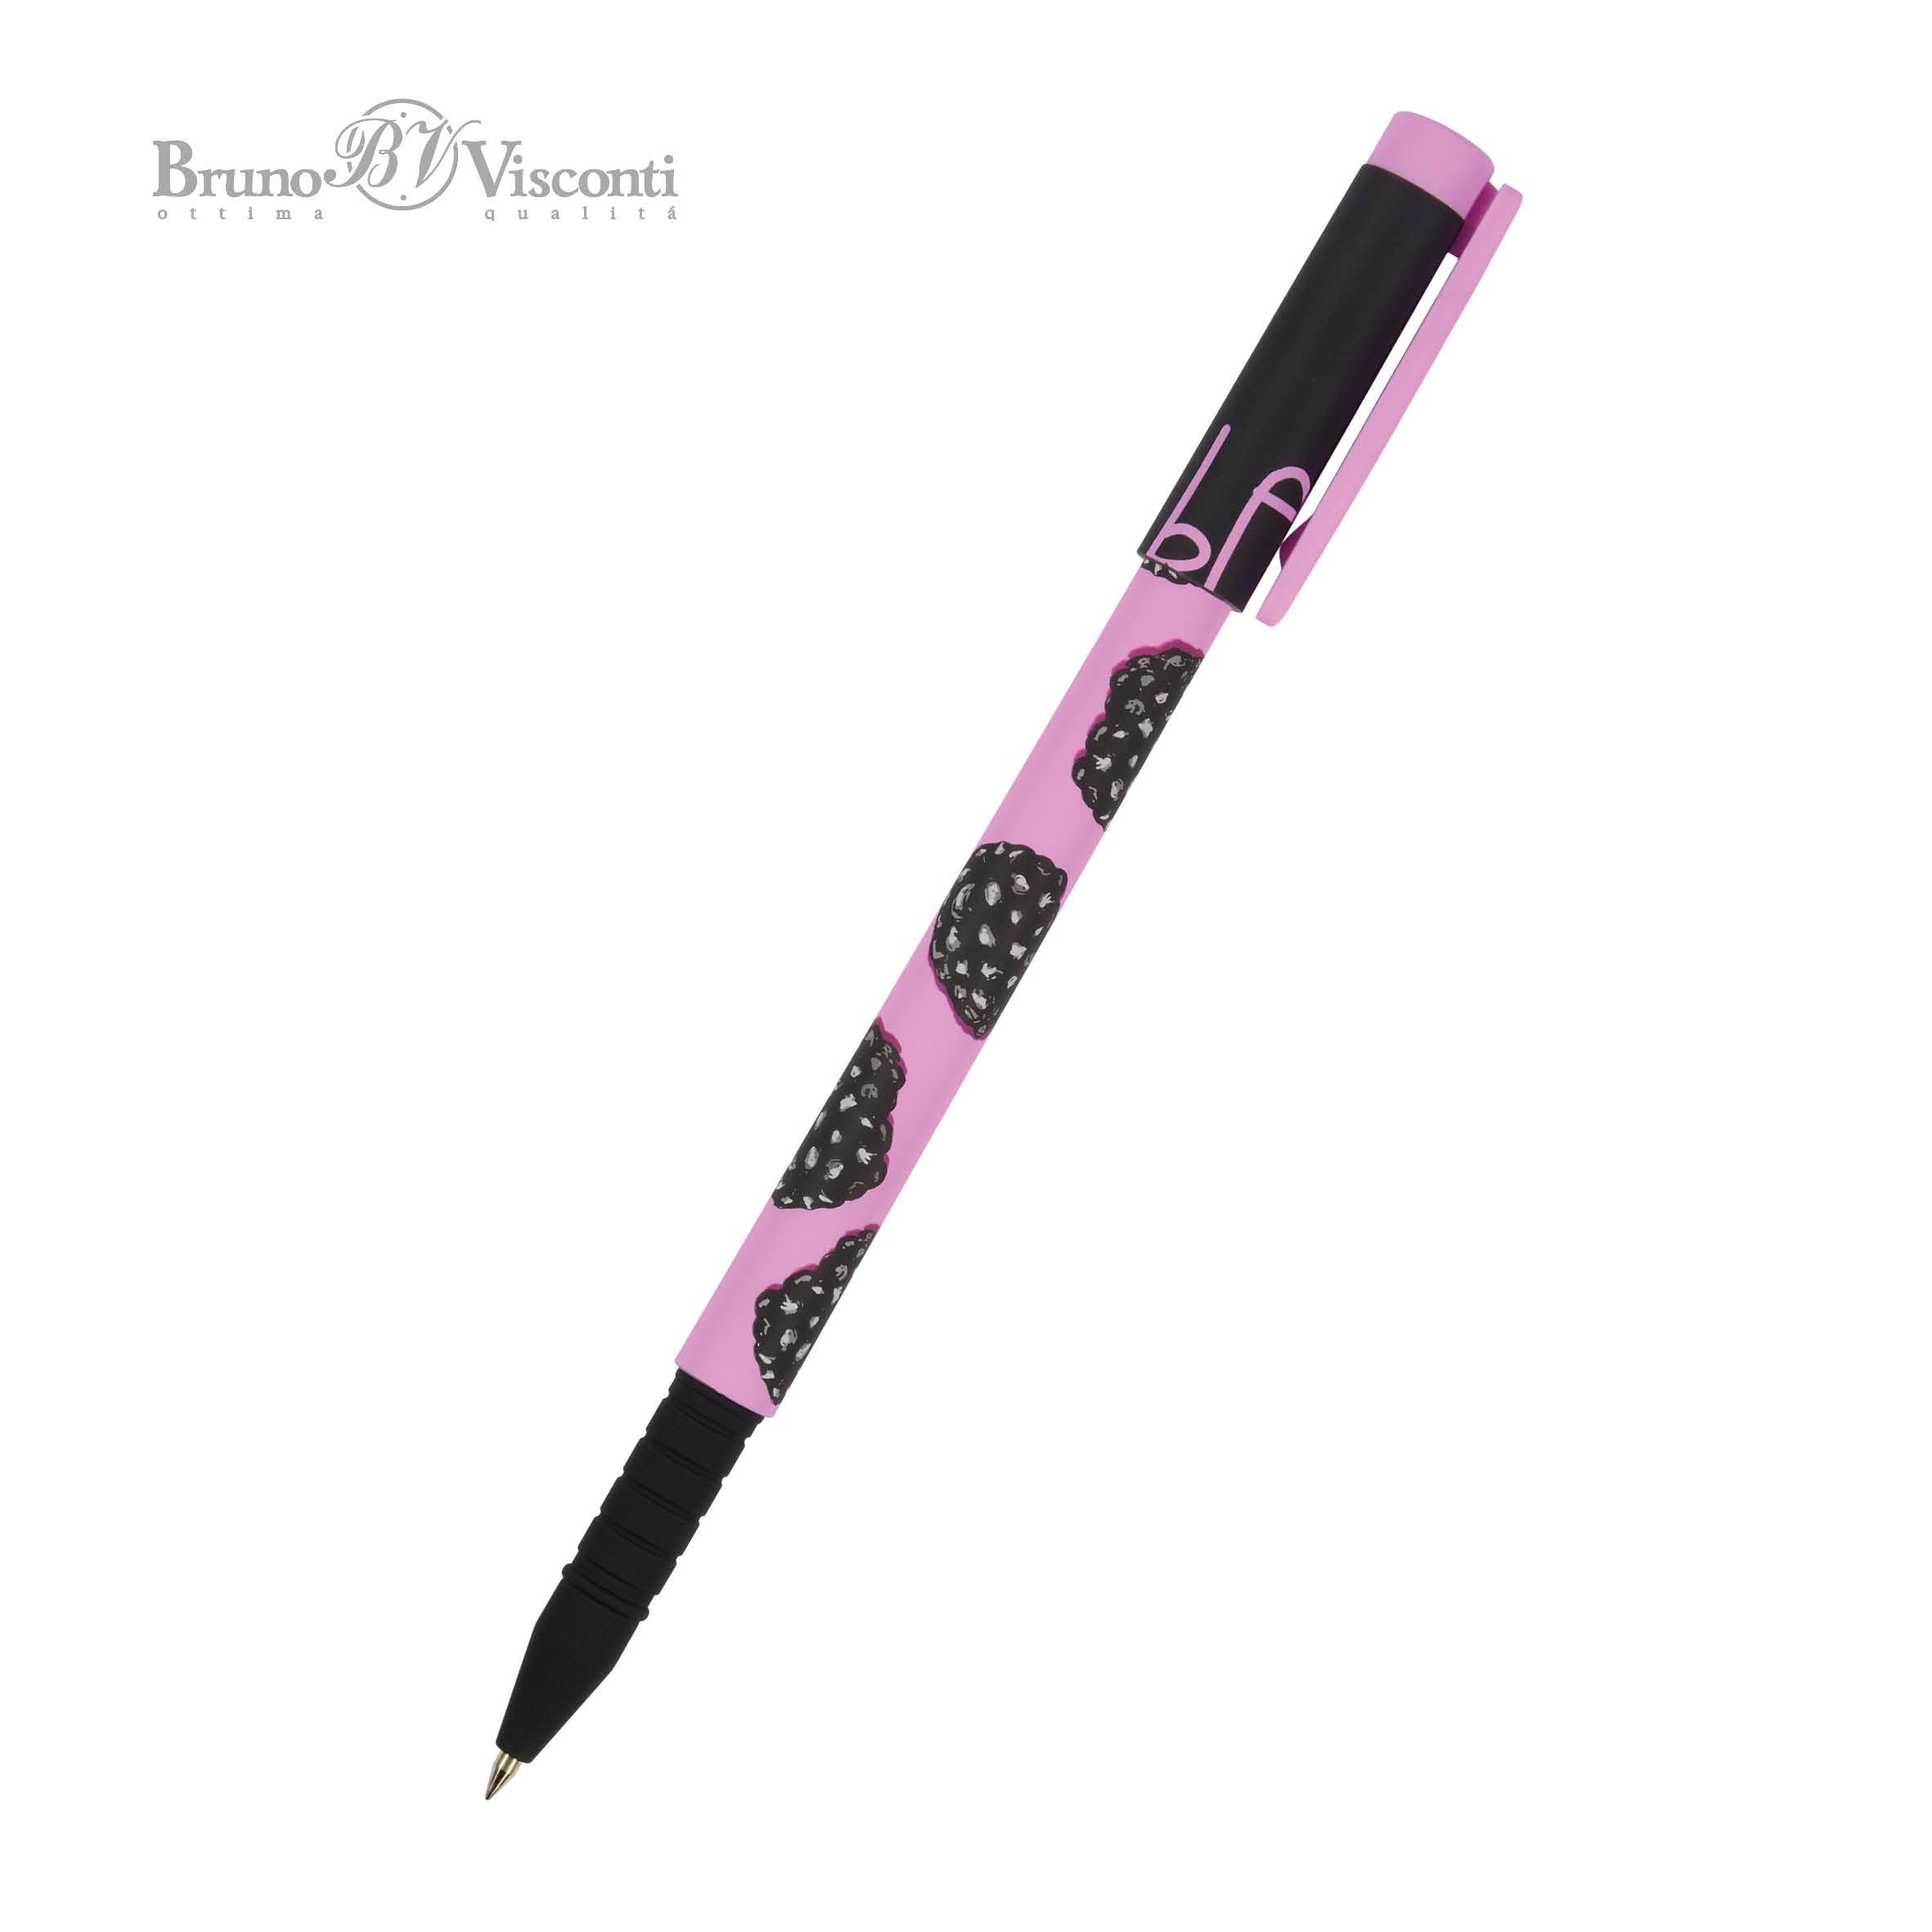 Ручка шариковая синяя BV FunWrite. Ягоды. Графика. Ежевика 0,5мм принт